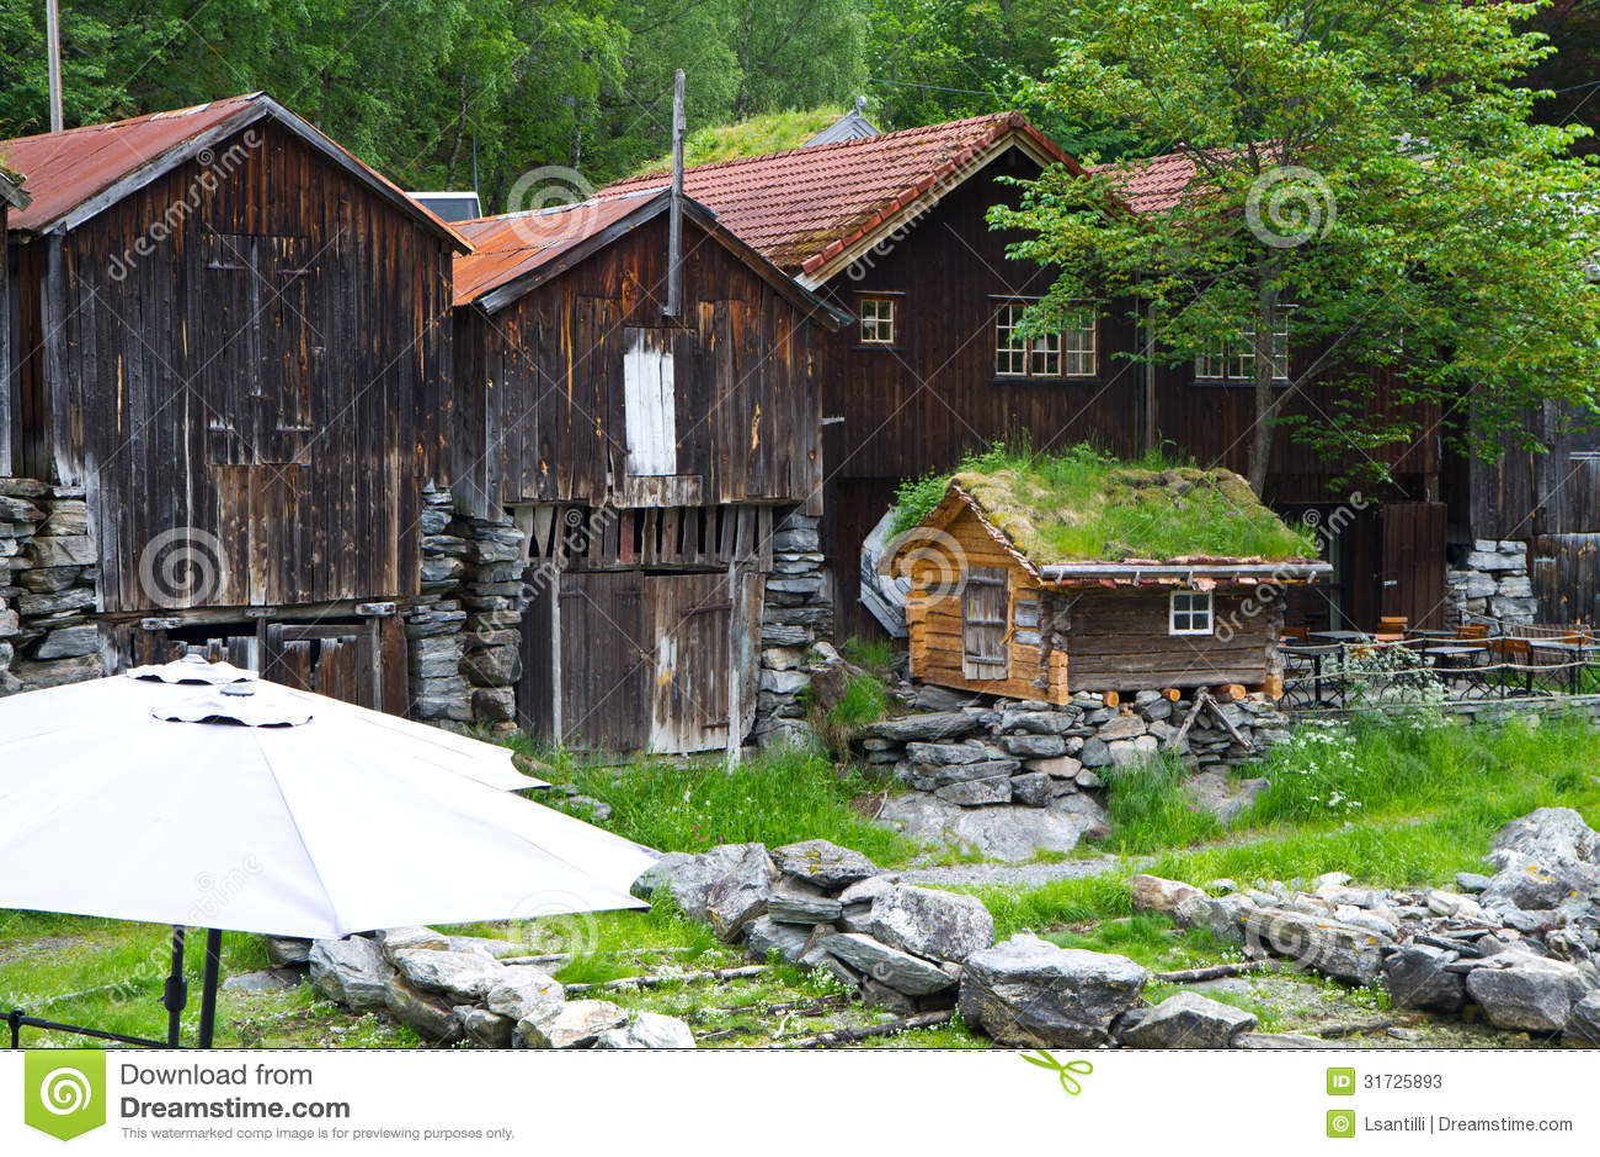 Las casas de campo en pueblo olden en noruega fotos de - Casas en pueblos ...